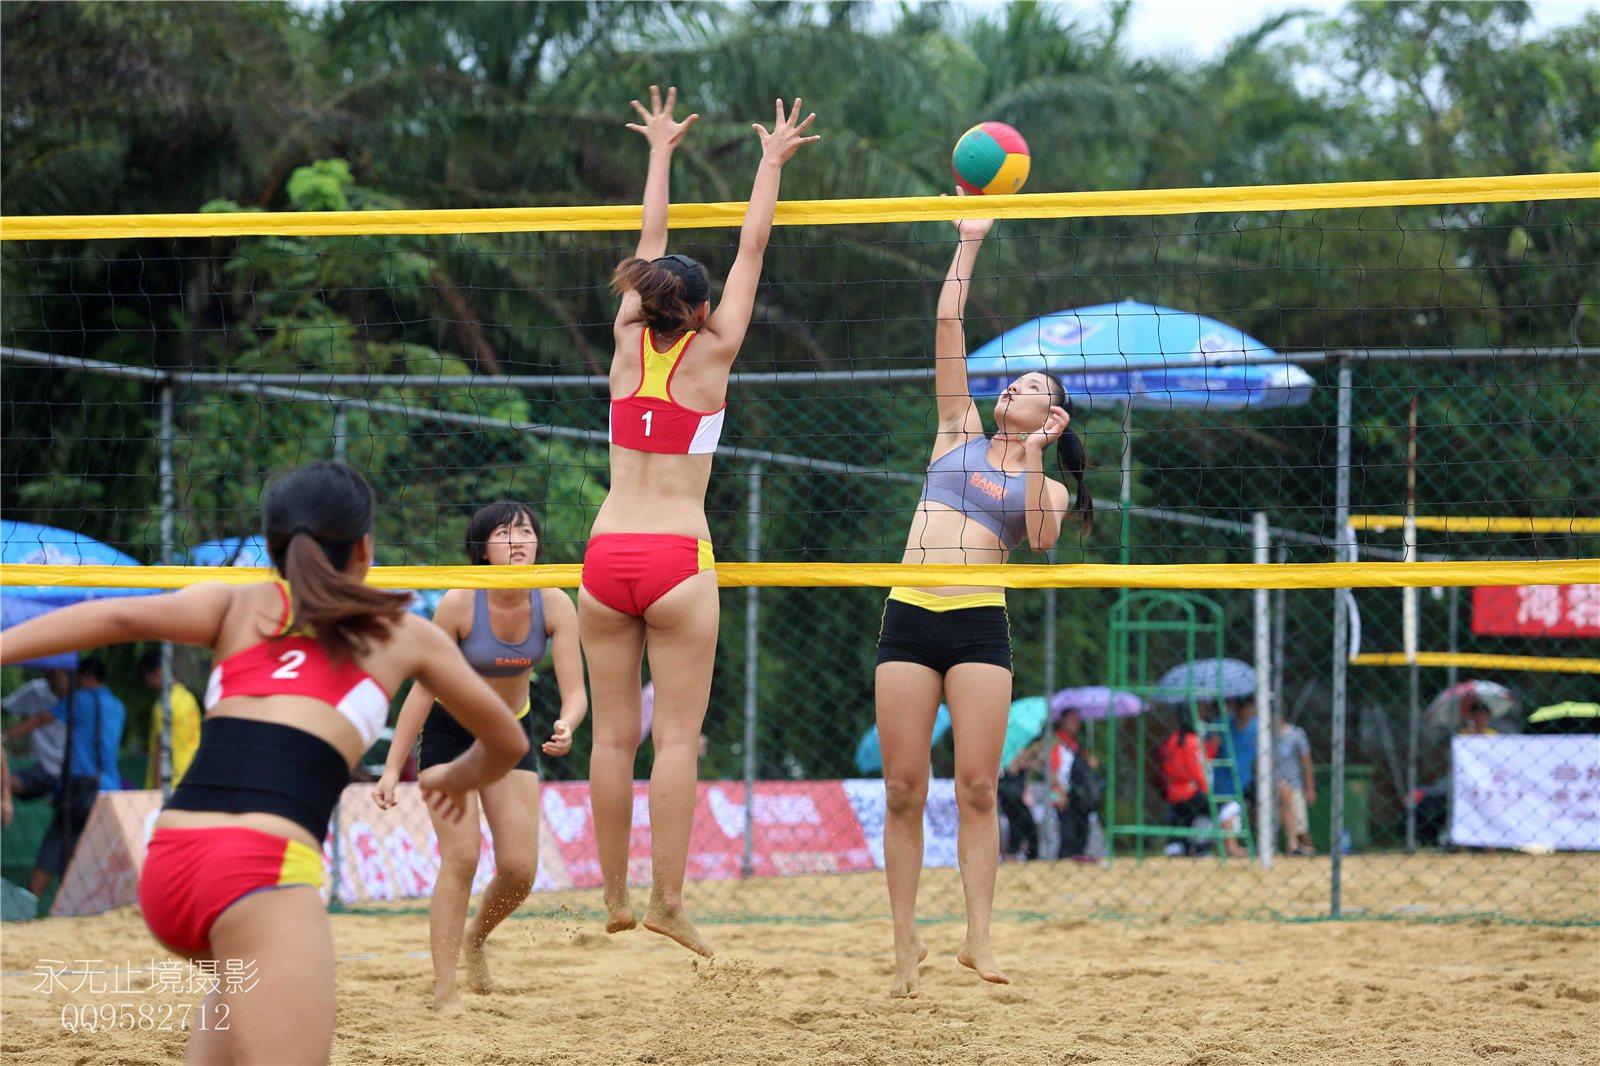 2014年海南省大,中学生沙滩排球锦标赛开赛第一天 精彩镜头